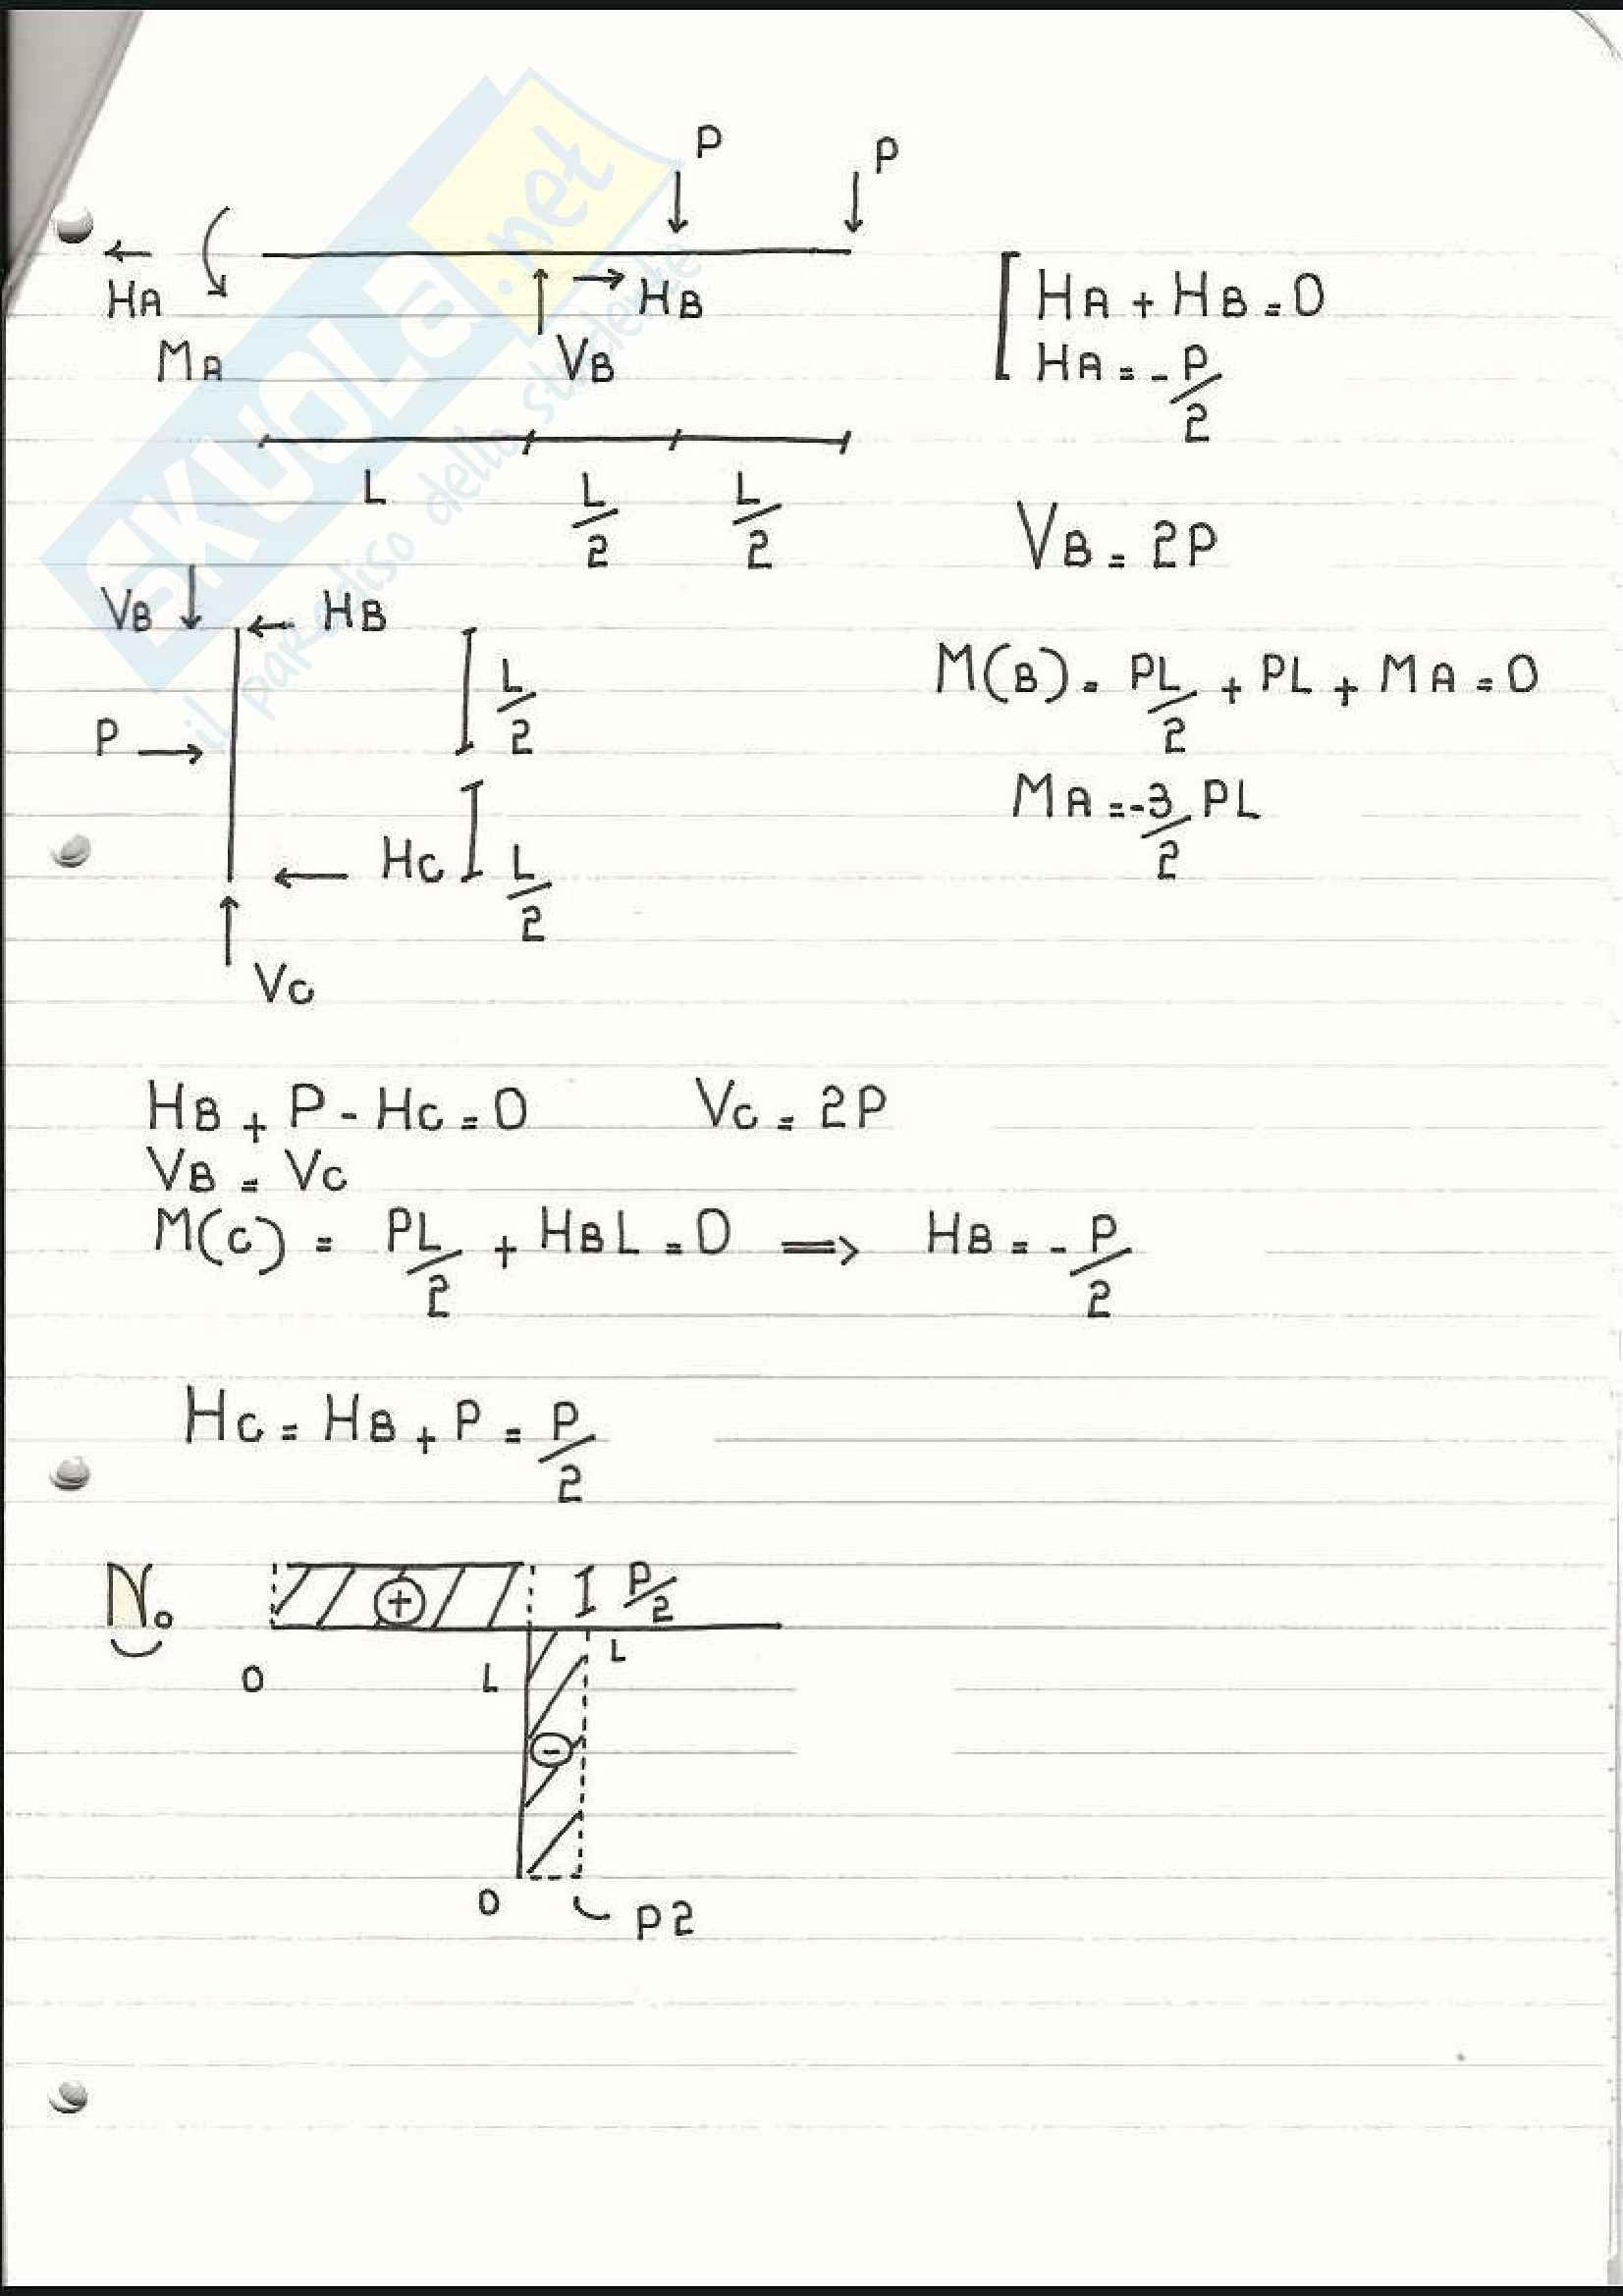 Scienza delle costruzioni - Esercizi sul metodo di congruenza Pag. 46